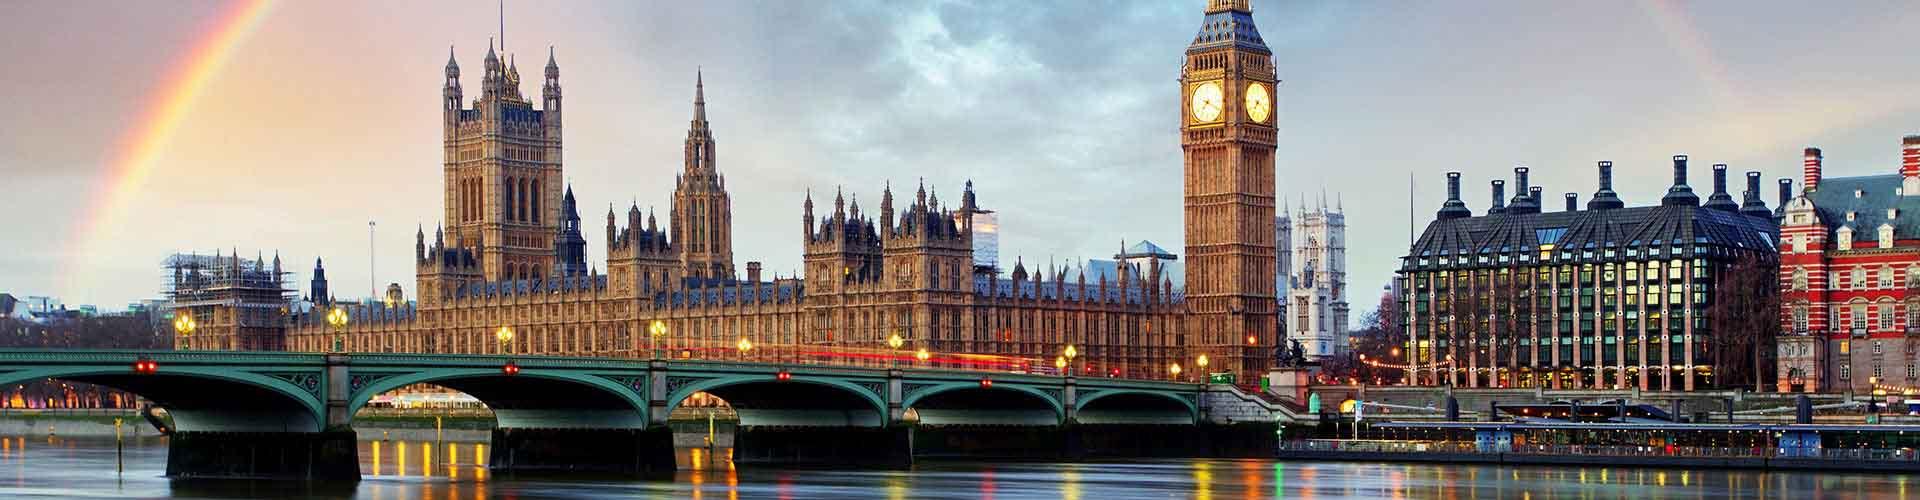 伦敦 – Borough of Westminster区的青年旅馆。伦敦 地图,伦敦 每间青年旅馆的照片和评分。